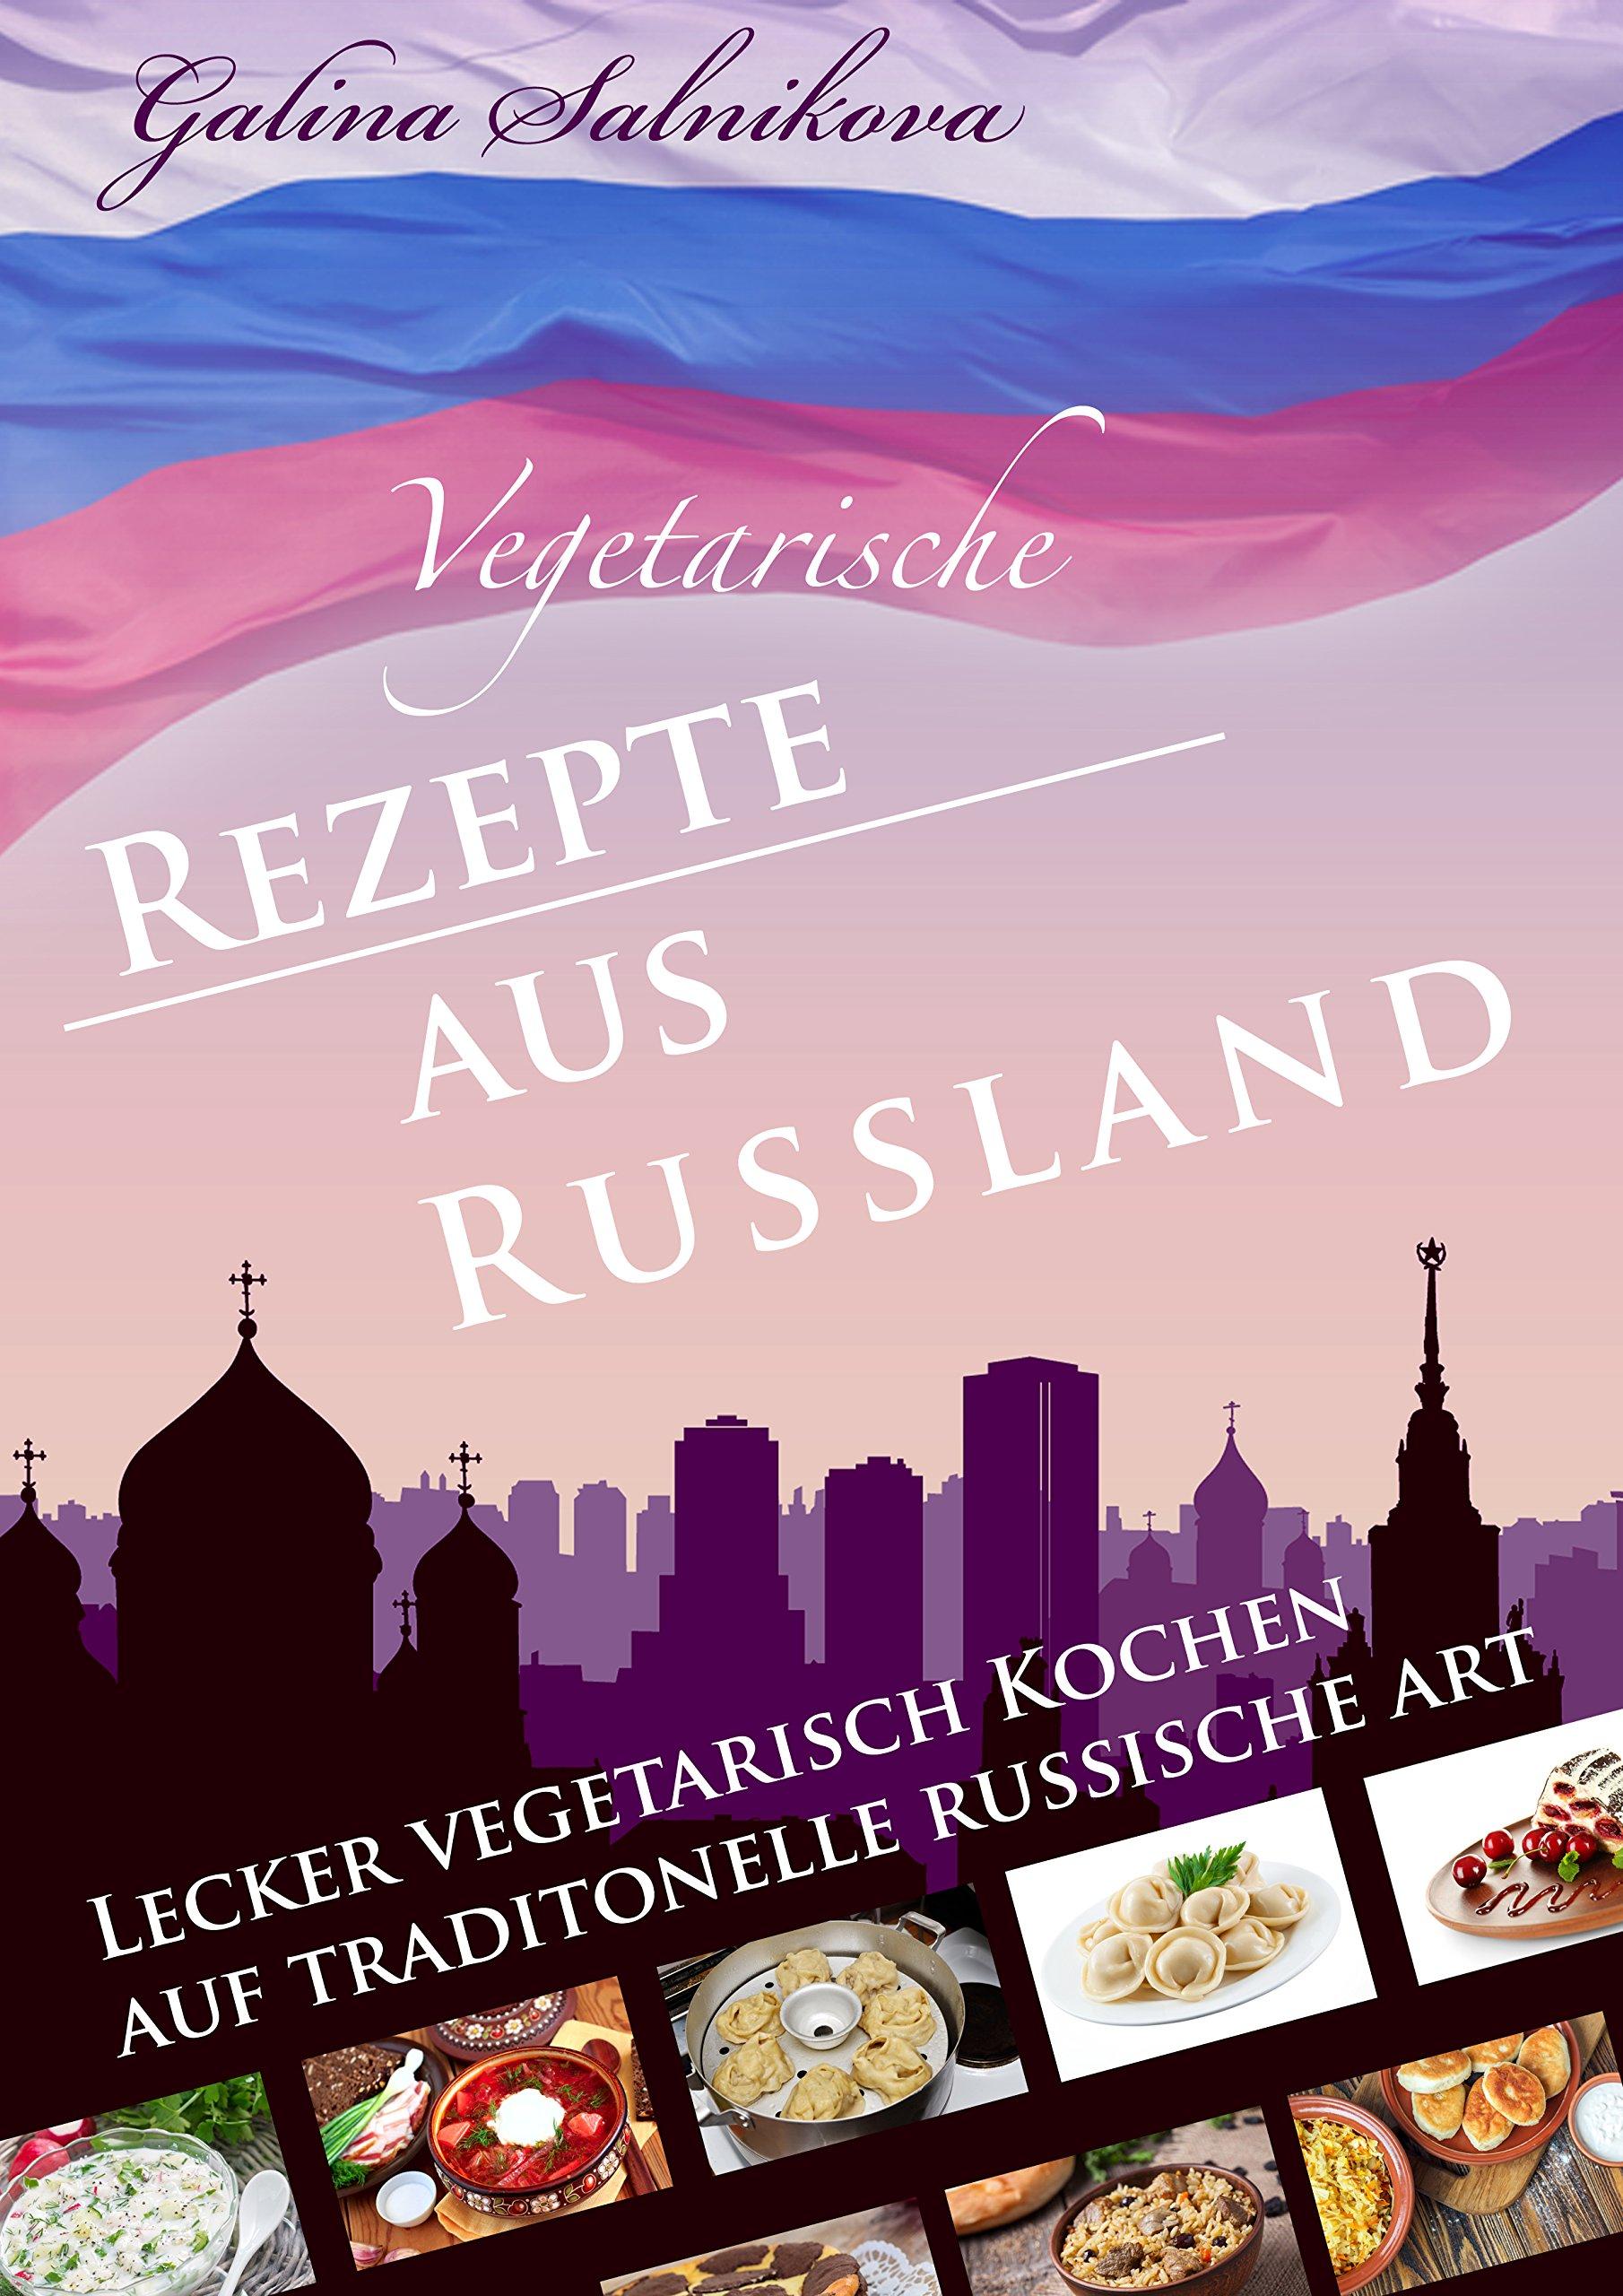 Russland  Vegetarische Rezepte Aus Russland Lecker Kochen Auf Russisch  Lecker Vegetarisch Kochen Auf Traditionelle Russische Art